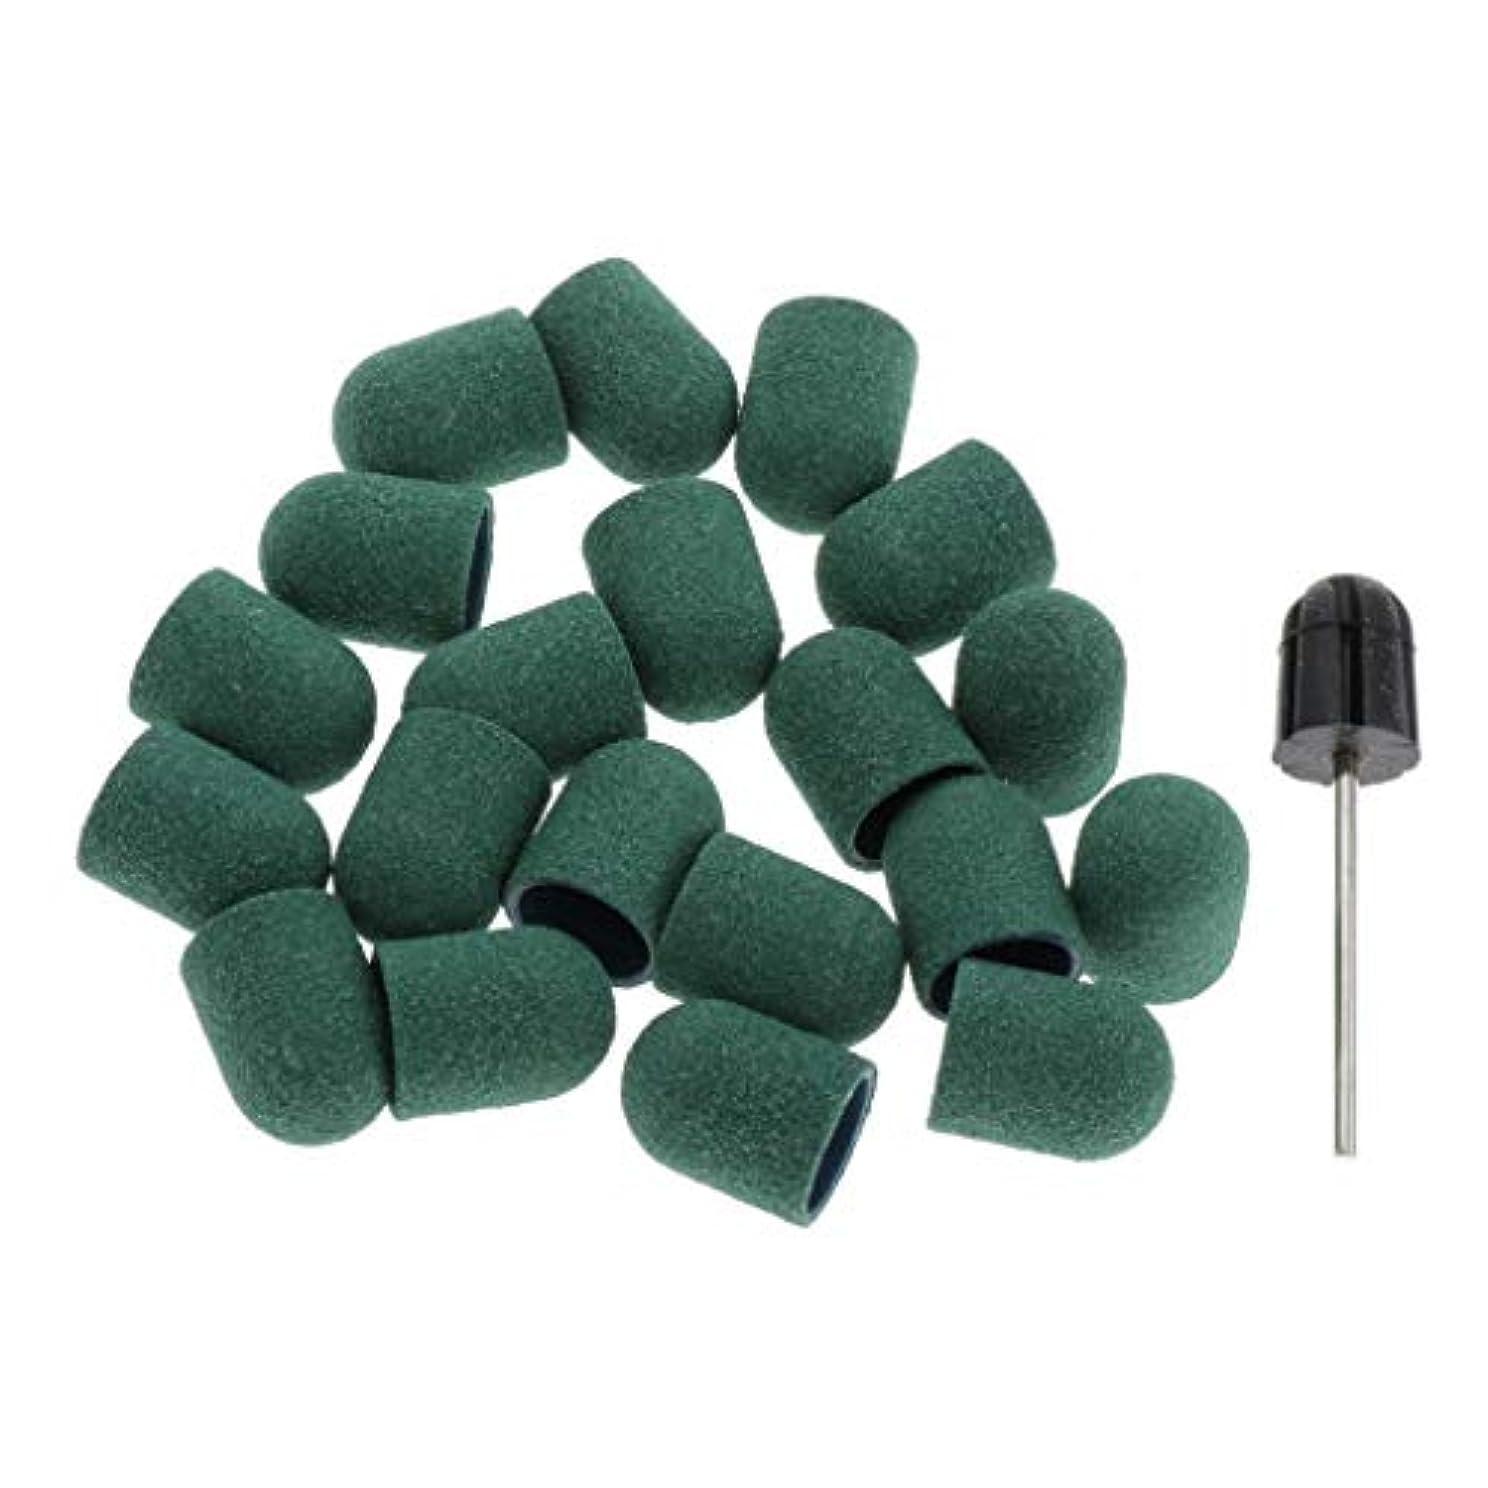 同情的端末直立T TOOYFUL ネイル ドリルビットバフ 研削ビットバフ 研磨ビットキャップ サンドペーパー素材 約20本 全5カラー - 緑